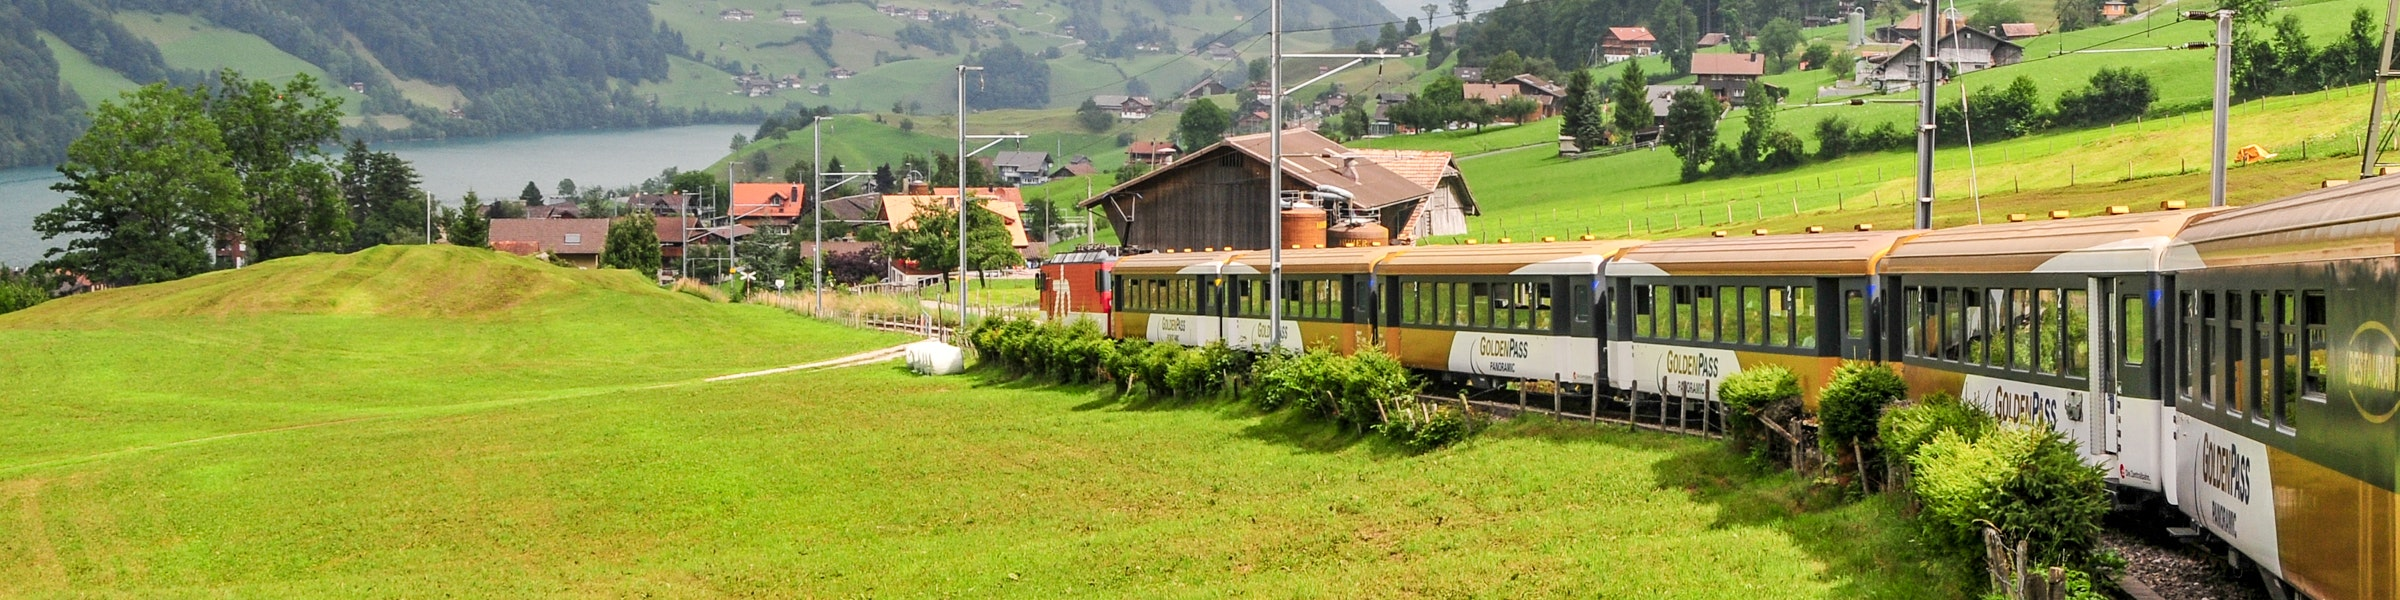 GoldenPass train near Lungern